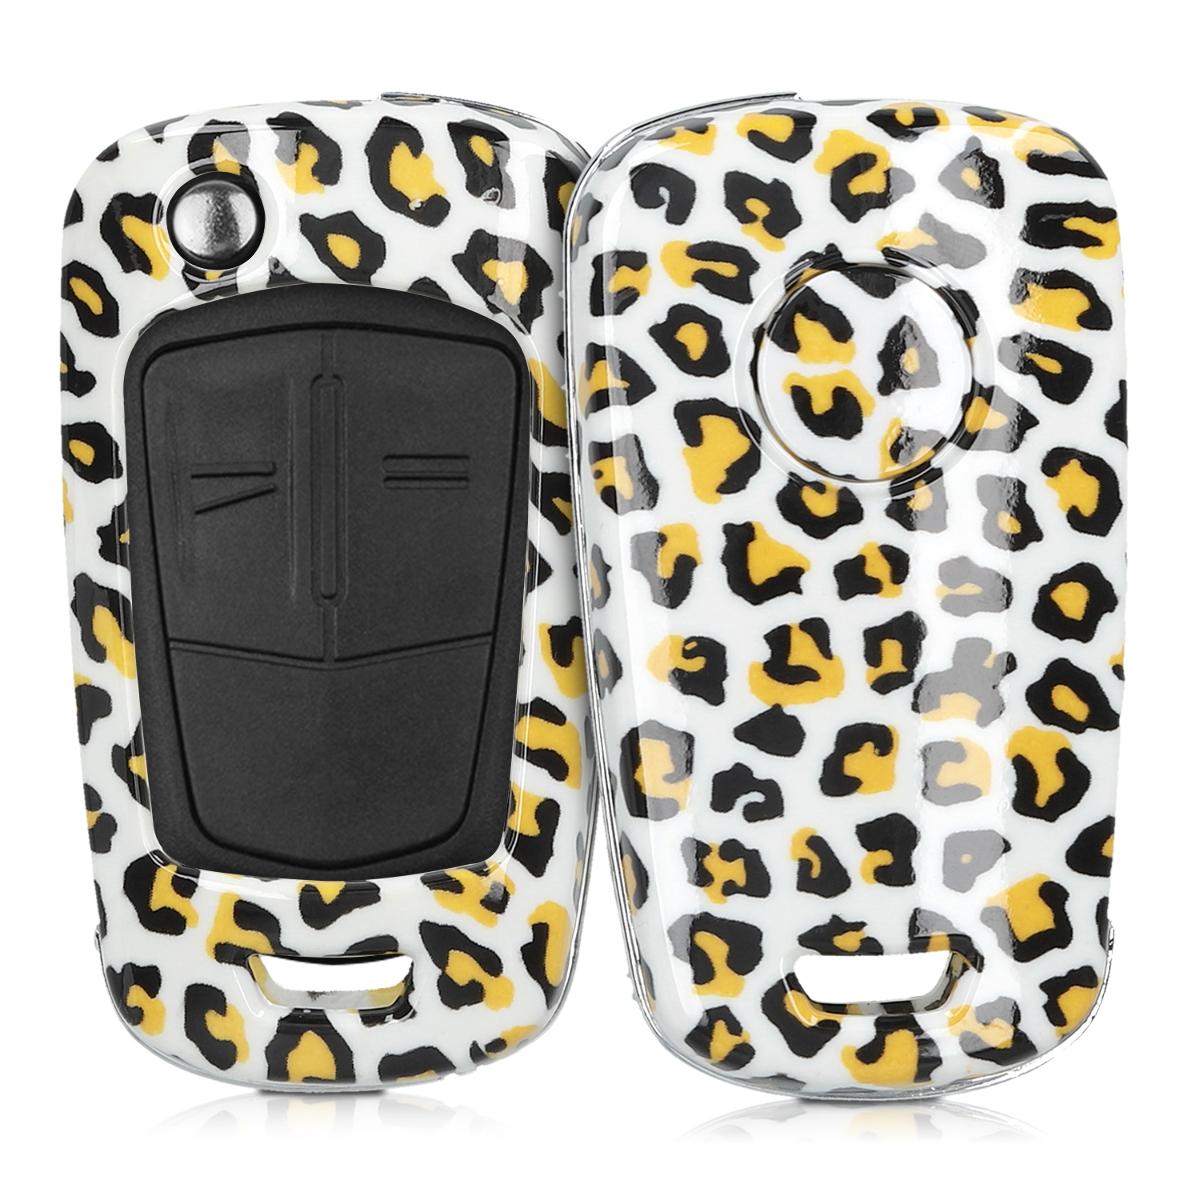 KW Σκληρή Θήκη Κλειδιού Opel Chevrolet - 2 Κουμπιά - Black / Yellow / White (49670.02)